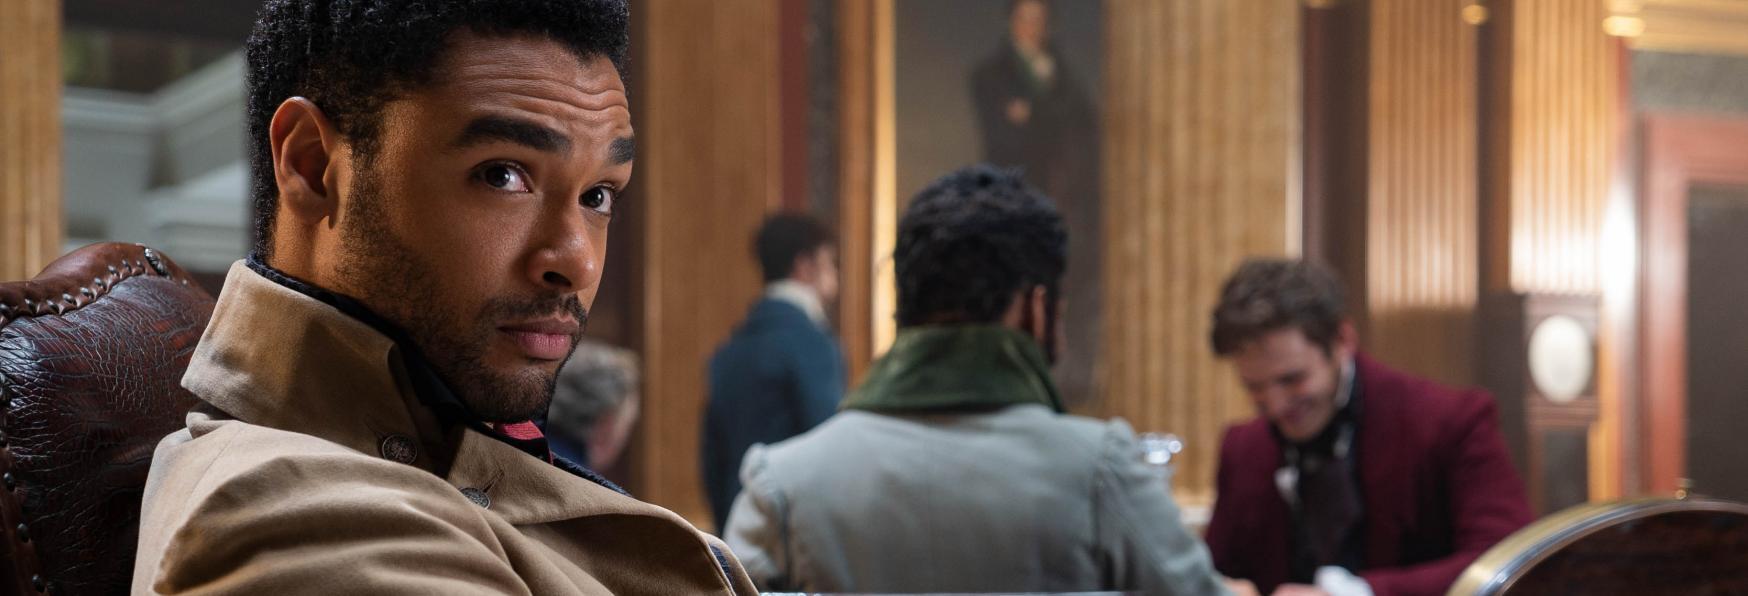 Bridgerton 2 ci sarà! Rinnovata Ufficialmente la Serie TV Netflix per una nuova Stagione